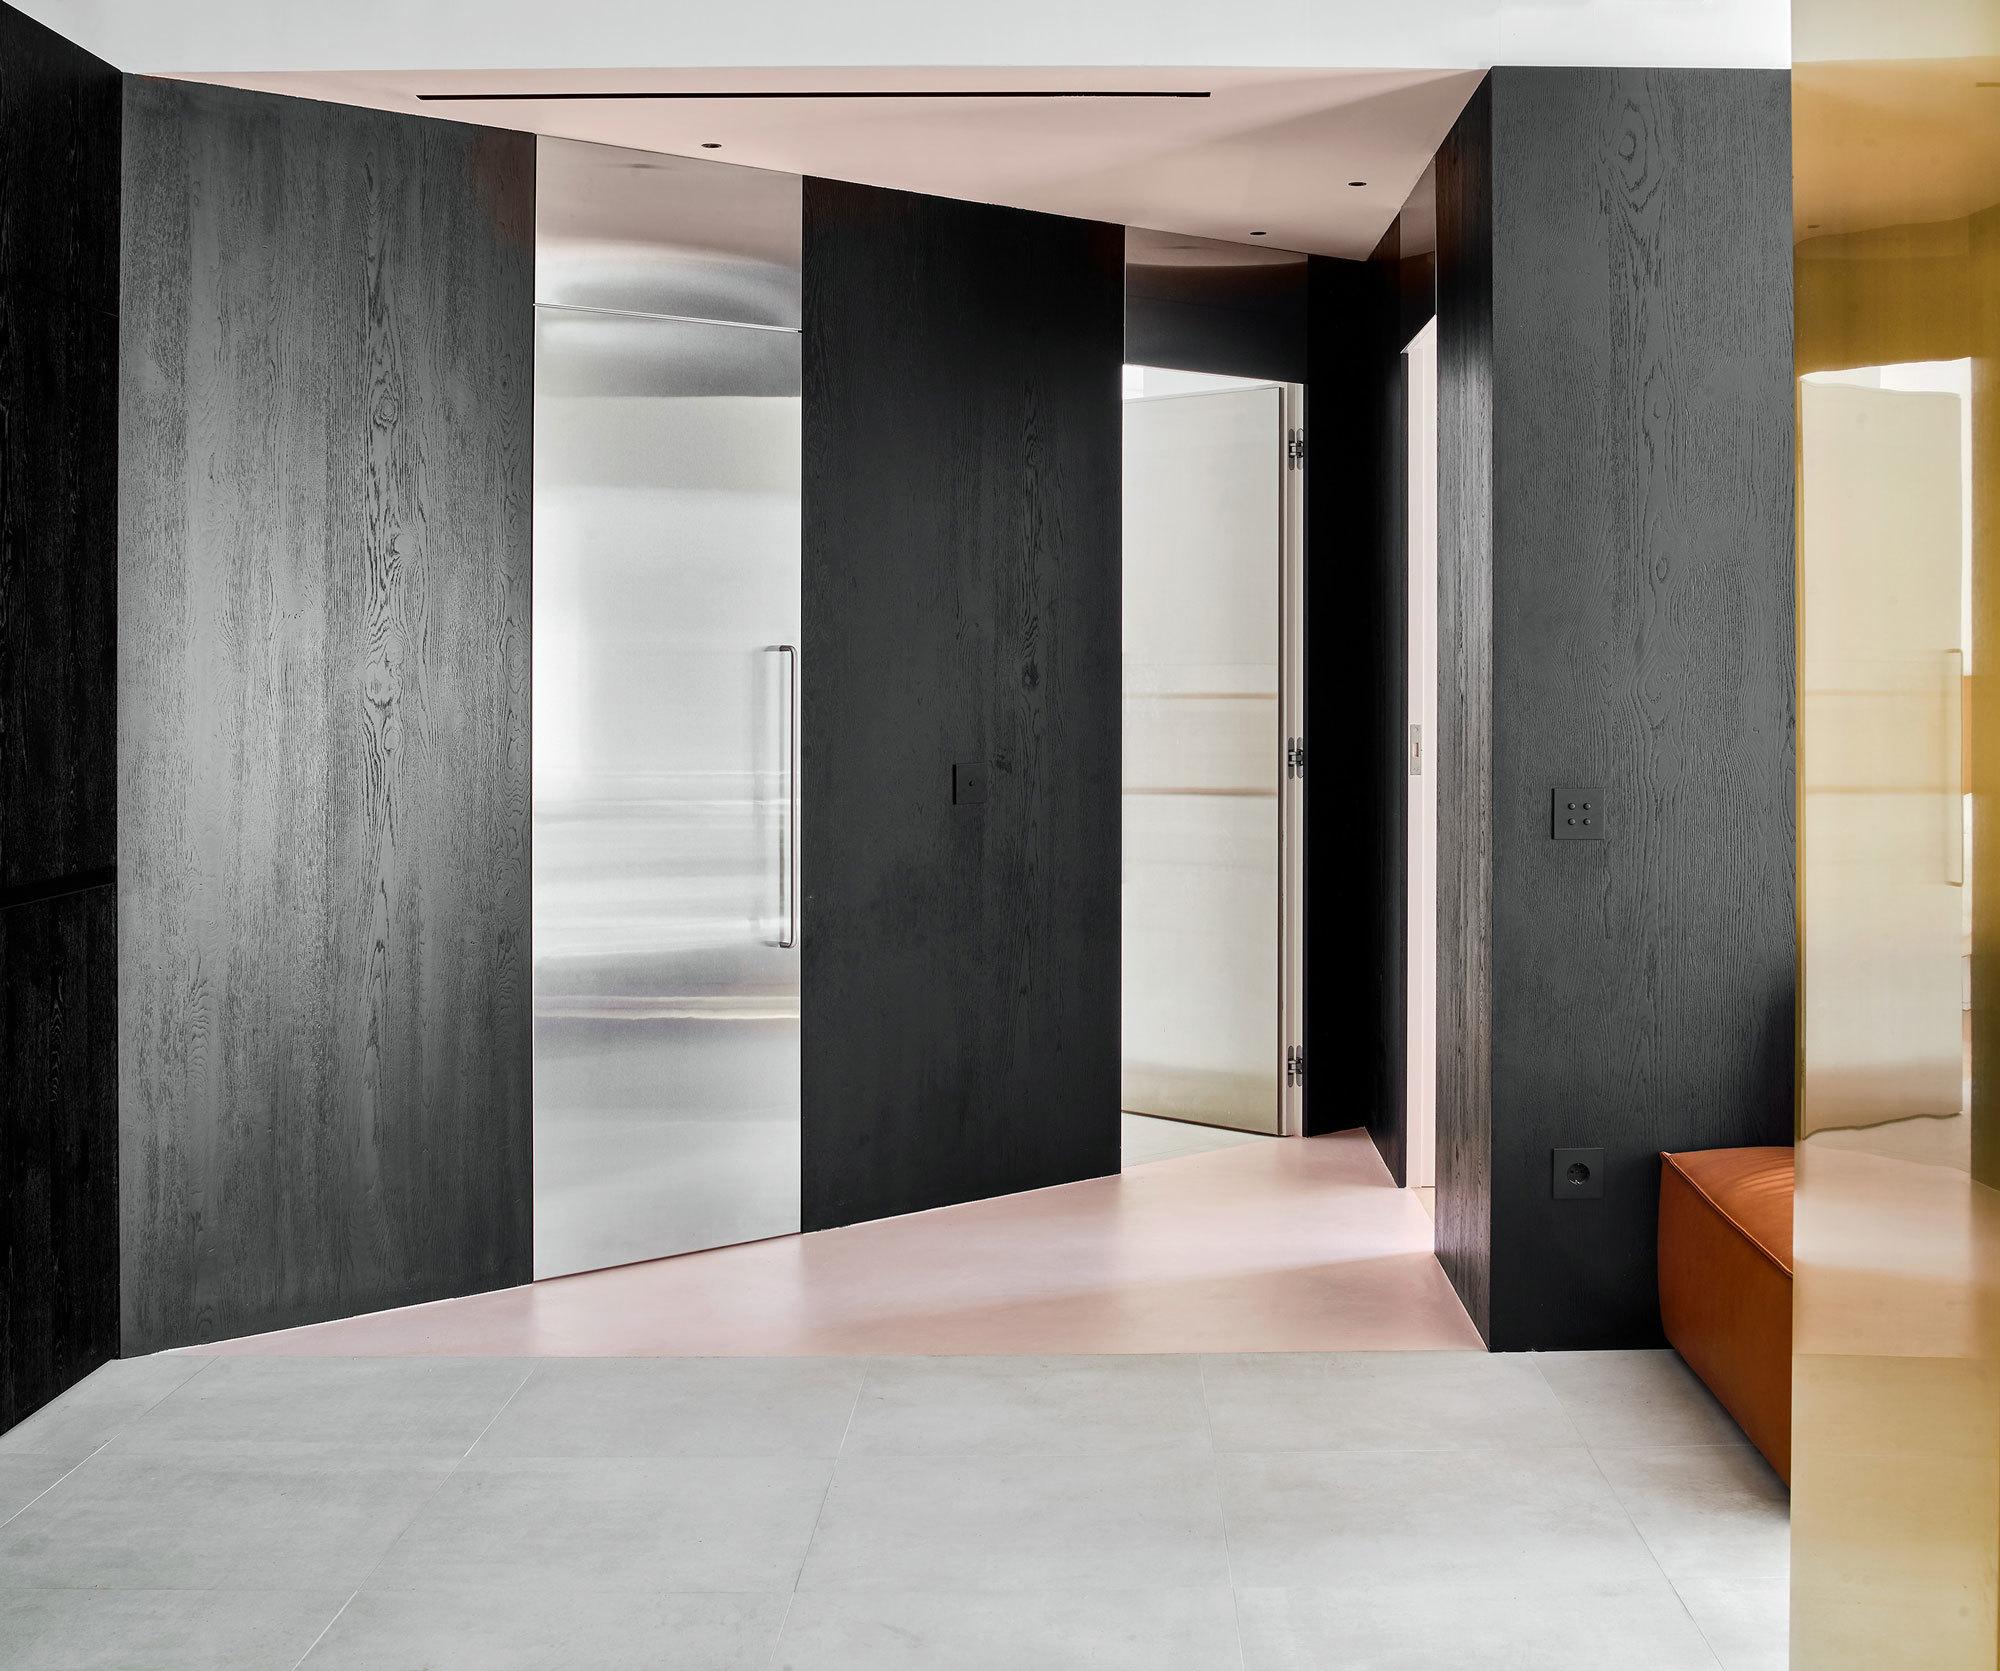 Ein dreieckiger Raum dient alsDurchgangsraumzumKinderzimmer (rechts), Elternschlafzimmer mit eigenem Badezimmer (Mitte),zweites Badezimmer (links).